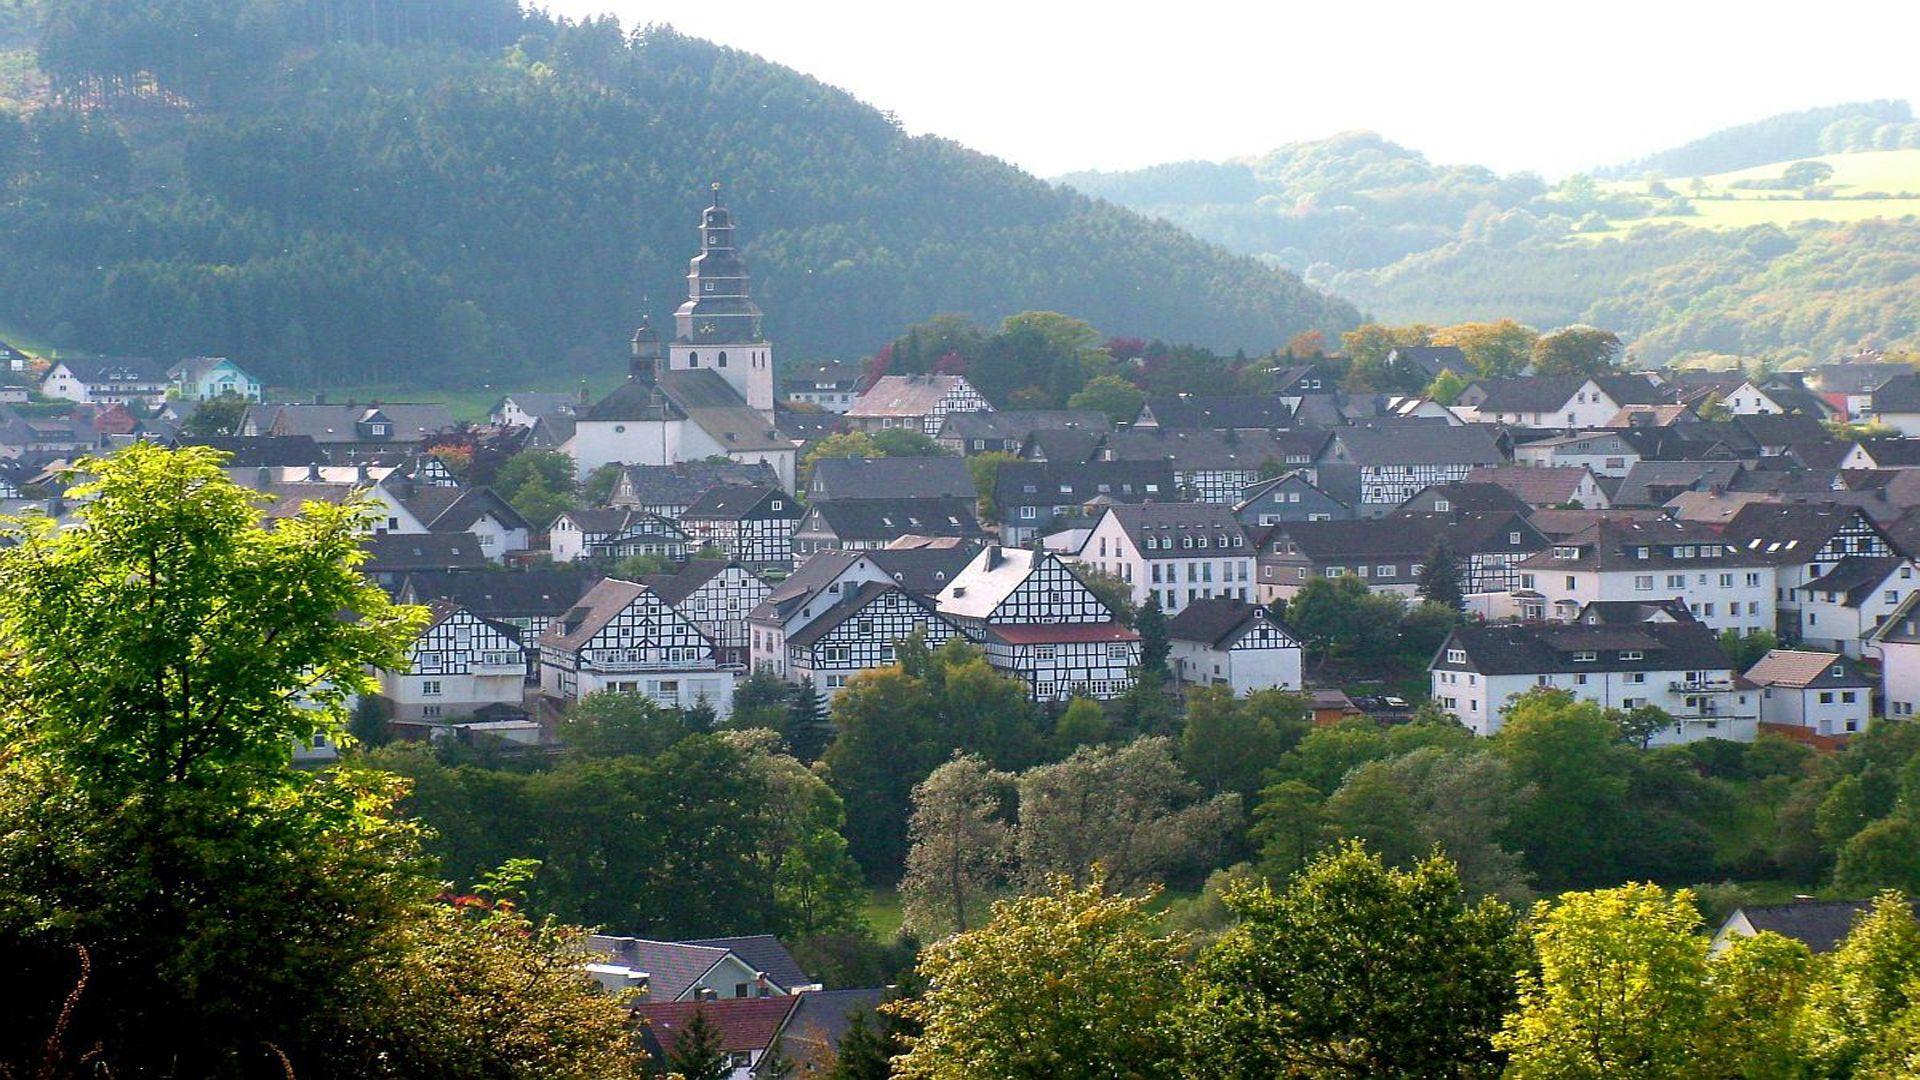 4 dagen sauerland incl wellness jpg  1920 1080. 4 dagen sauerland incl wellness jpg  1920 1080    Duitsland